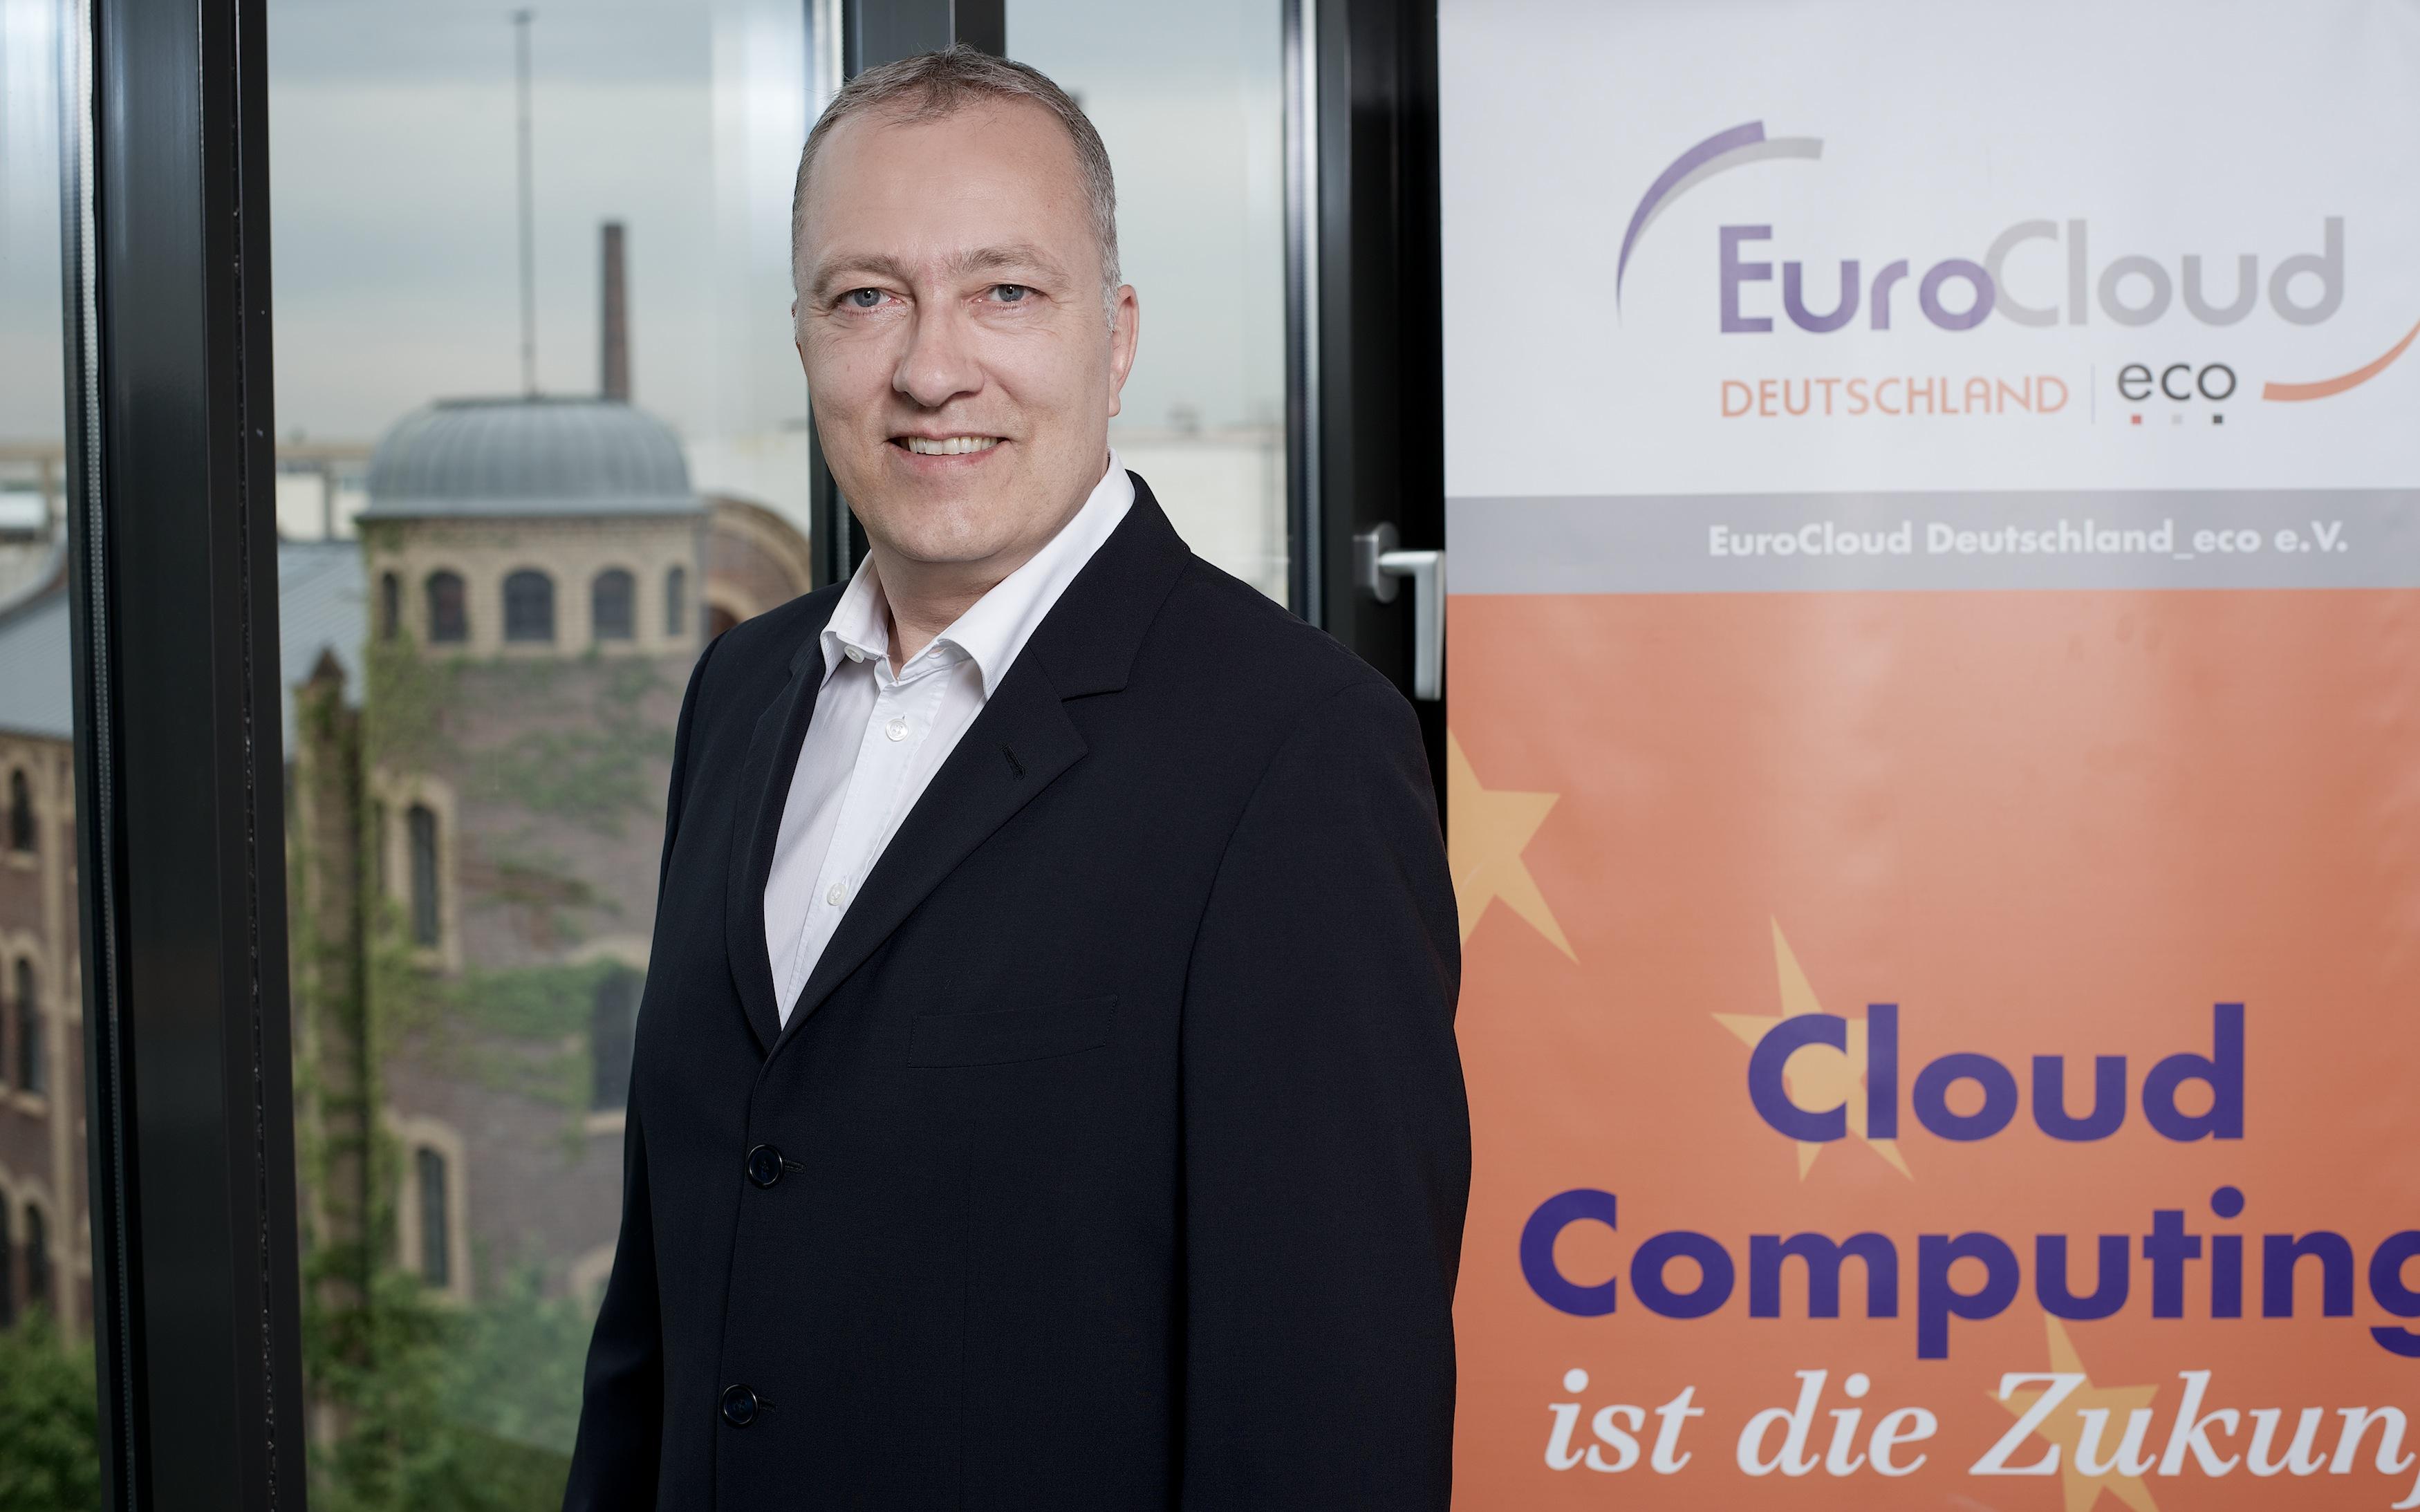 Wir brauchen eine gemeinsame europäische Cloud-Strategie